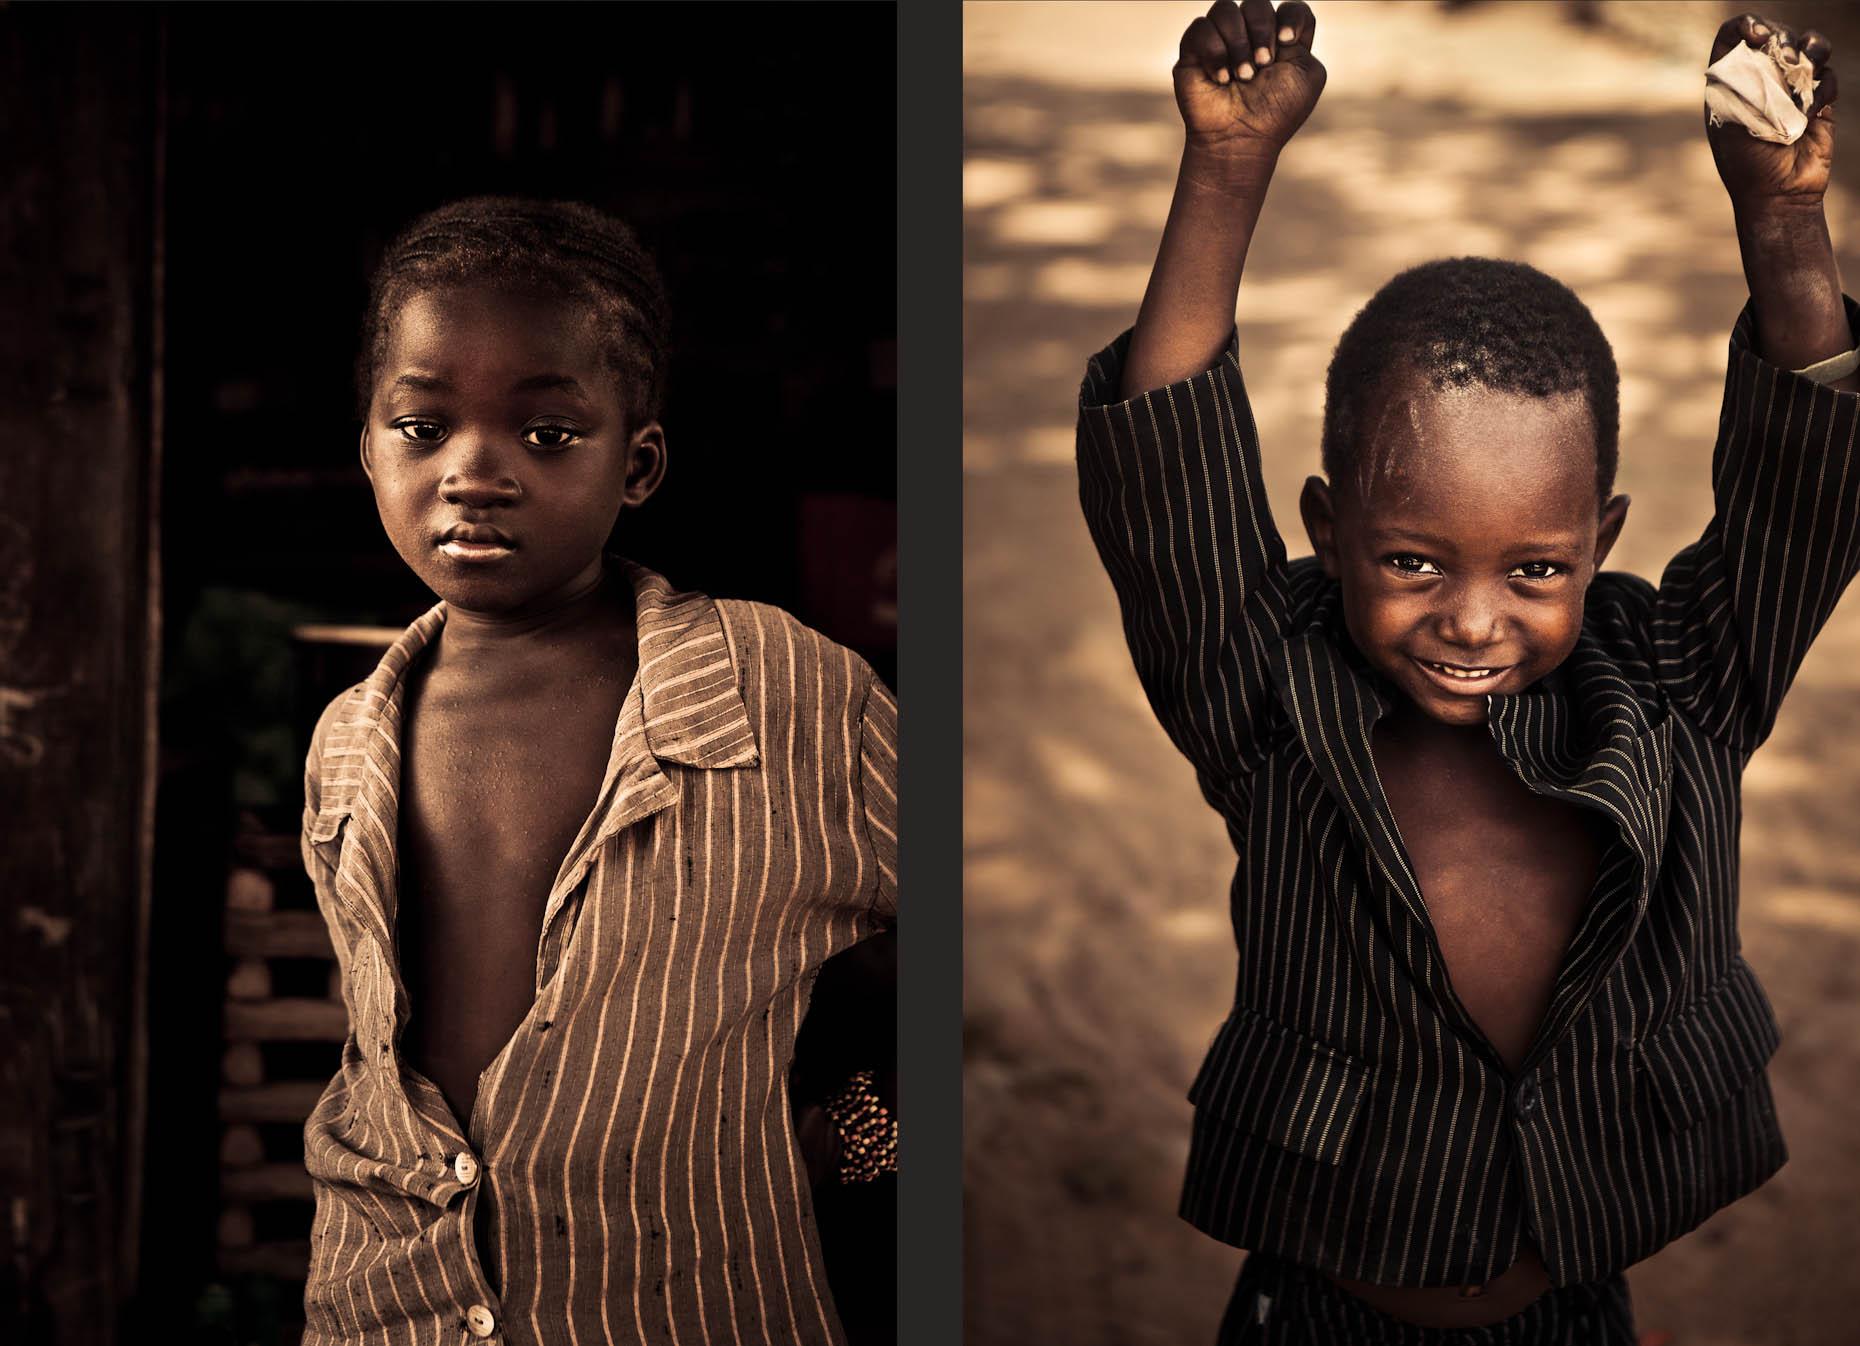 Anthony Kurtz Untitled (Children in Suits)